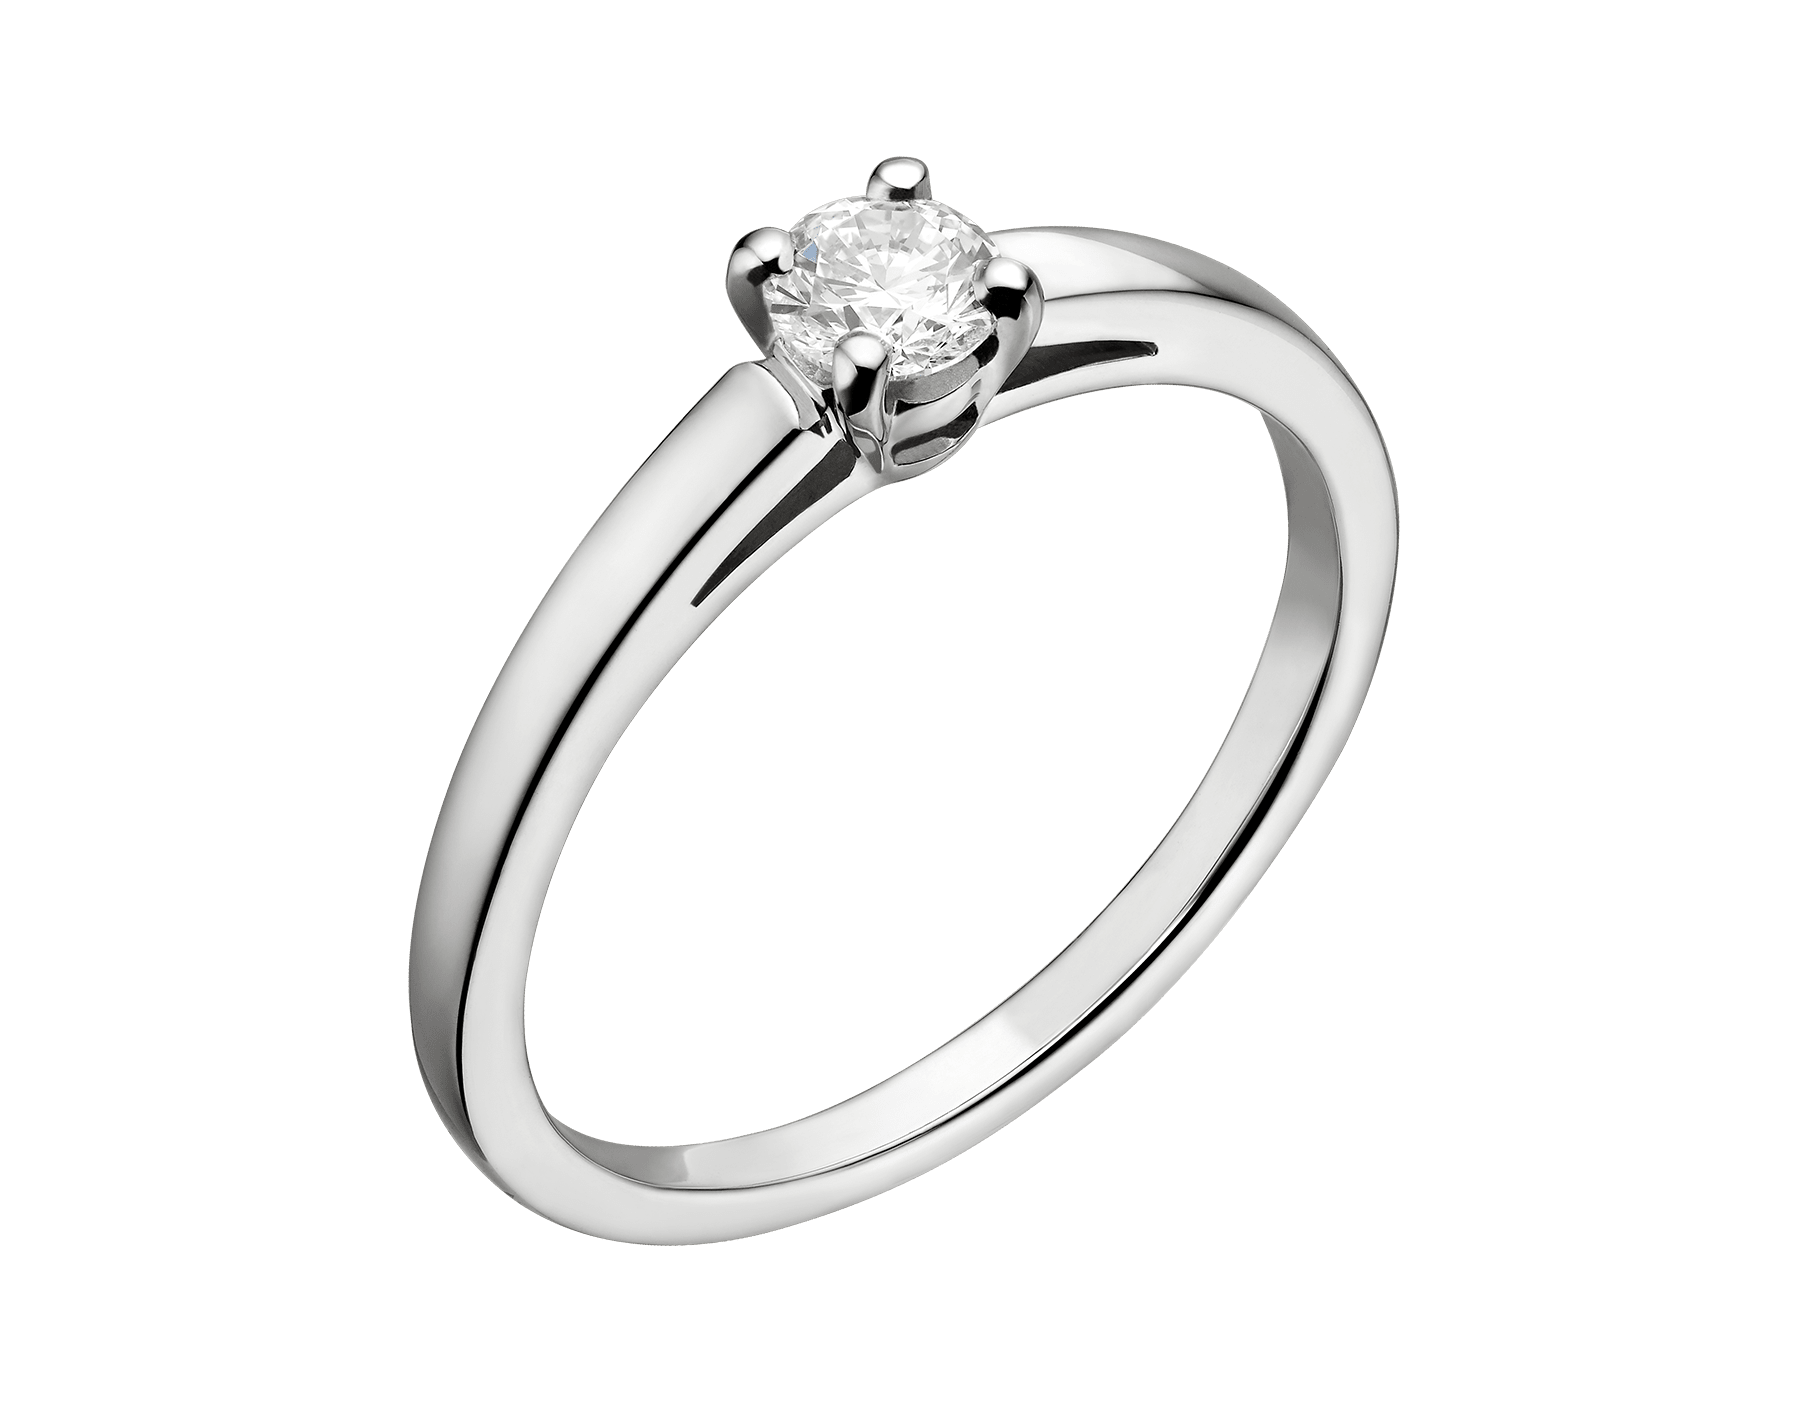 Anel solitário Griffe em platina com diamante lapidação brilhante redondo. Disponível a partir de 0,30ct. A incrustação clássica permite ao diamante solitário exprimir toda sua beleza e pureza. 327796 image 2